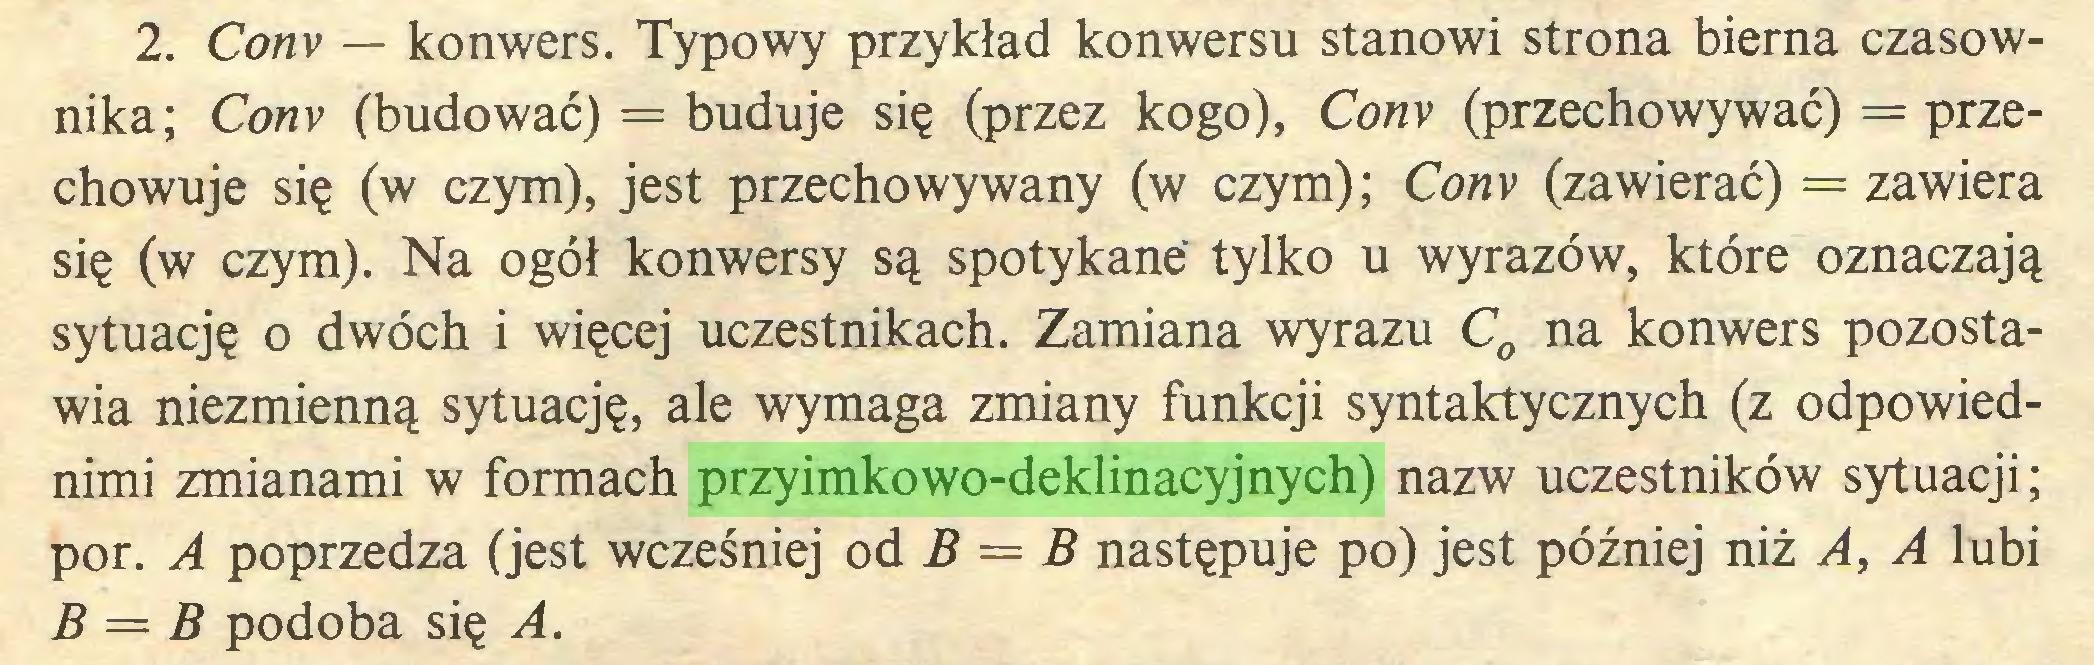 (...) 2. Conv — konwers. Typowy przykład konwersu stanowi strona bierna czasownika; Conv (budować) = buduje się (przez kogo), Conv (przechowywać) = przechowuje się (w czym), jest przechowywany (w czym); Conv (zawierać) = zawiera się (w czym). Na ogół konwersy są spotykane tylko u wyrazów, które oznaczają sytuację o dwóch i więcej uczestnikach. Zamiana wyrazu C0 na konwers pozostawia niezmienną sytuację, ale wymaga zmiany funkcji syntaktycznych (z odpowiednimi zmianami w formach przyimkowo-deklinacyjnych) nazw uczestników sytuacji; por. A poprzedza (jest wcześniej od B — B następuje po) jest później niż A, A lubi B = B podoba się A...